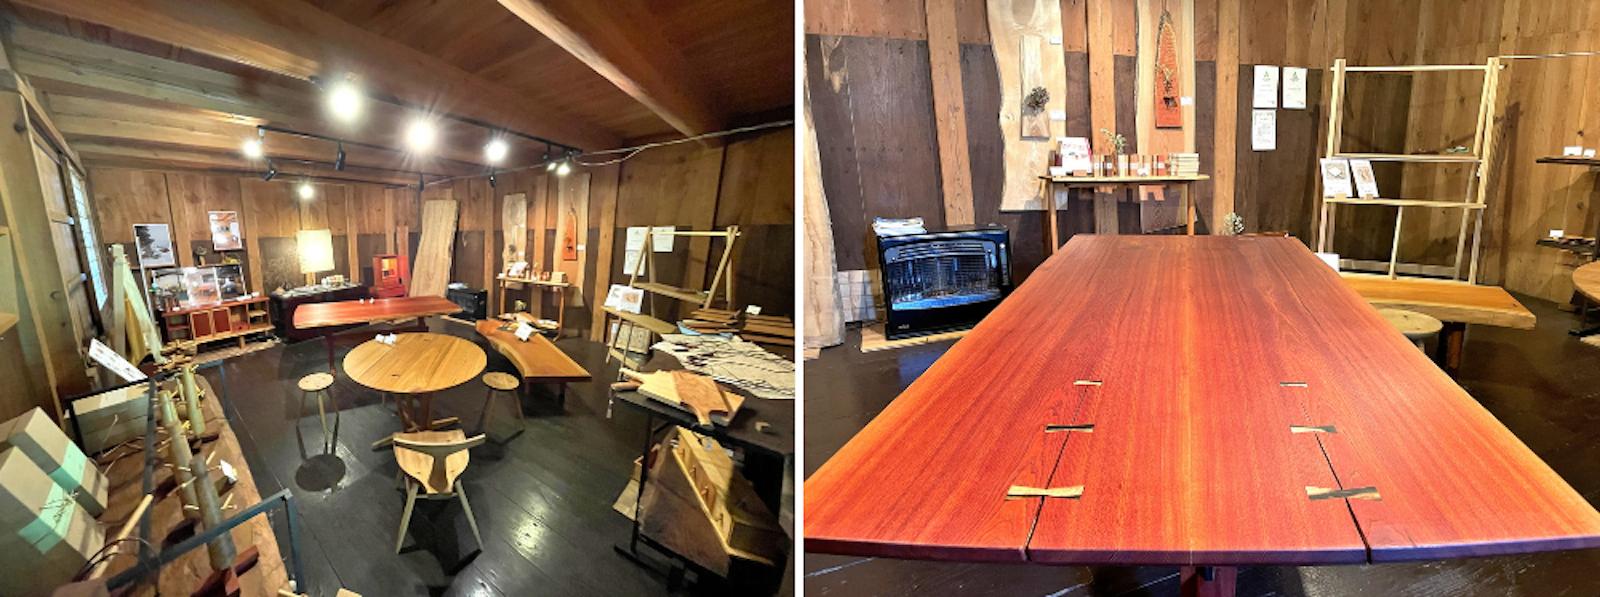 130年の米蔵を改装したギャラリーと、割れを活かした千切りの入ったテーブル